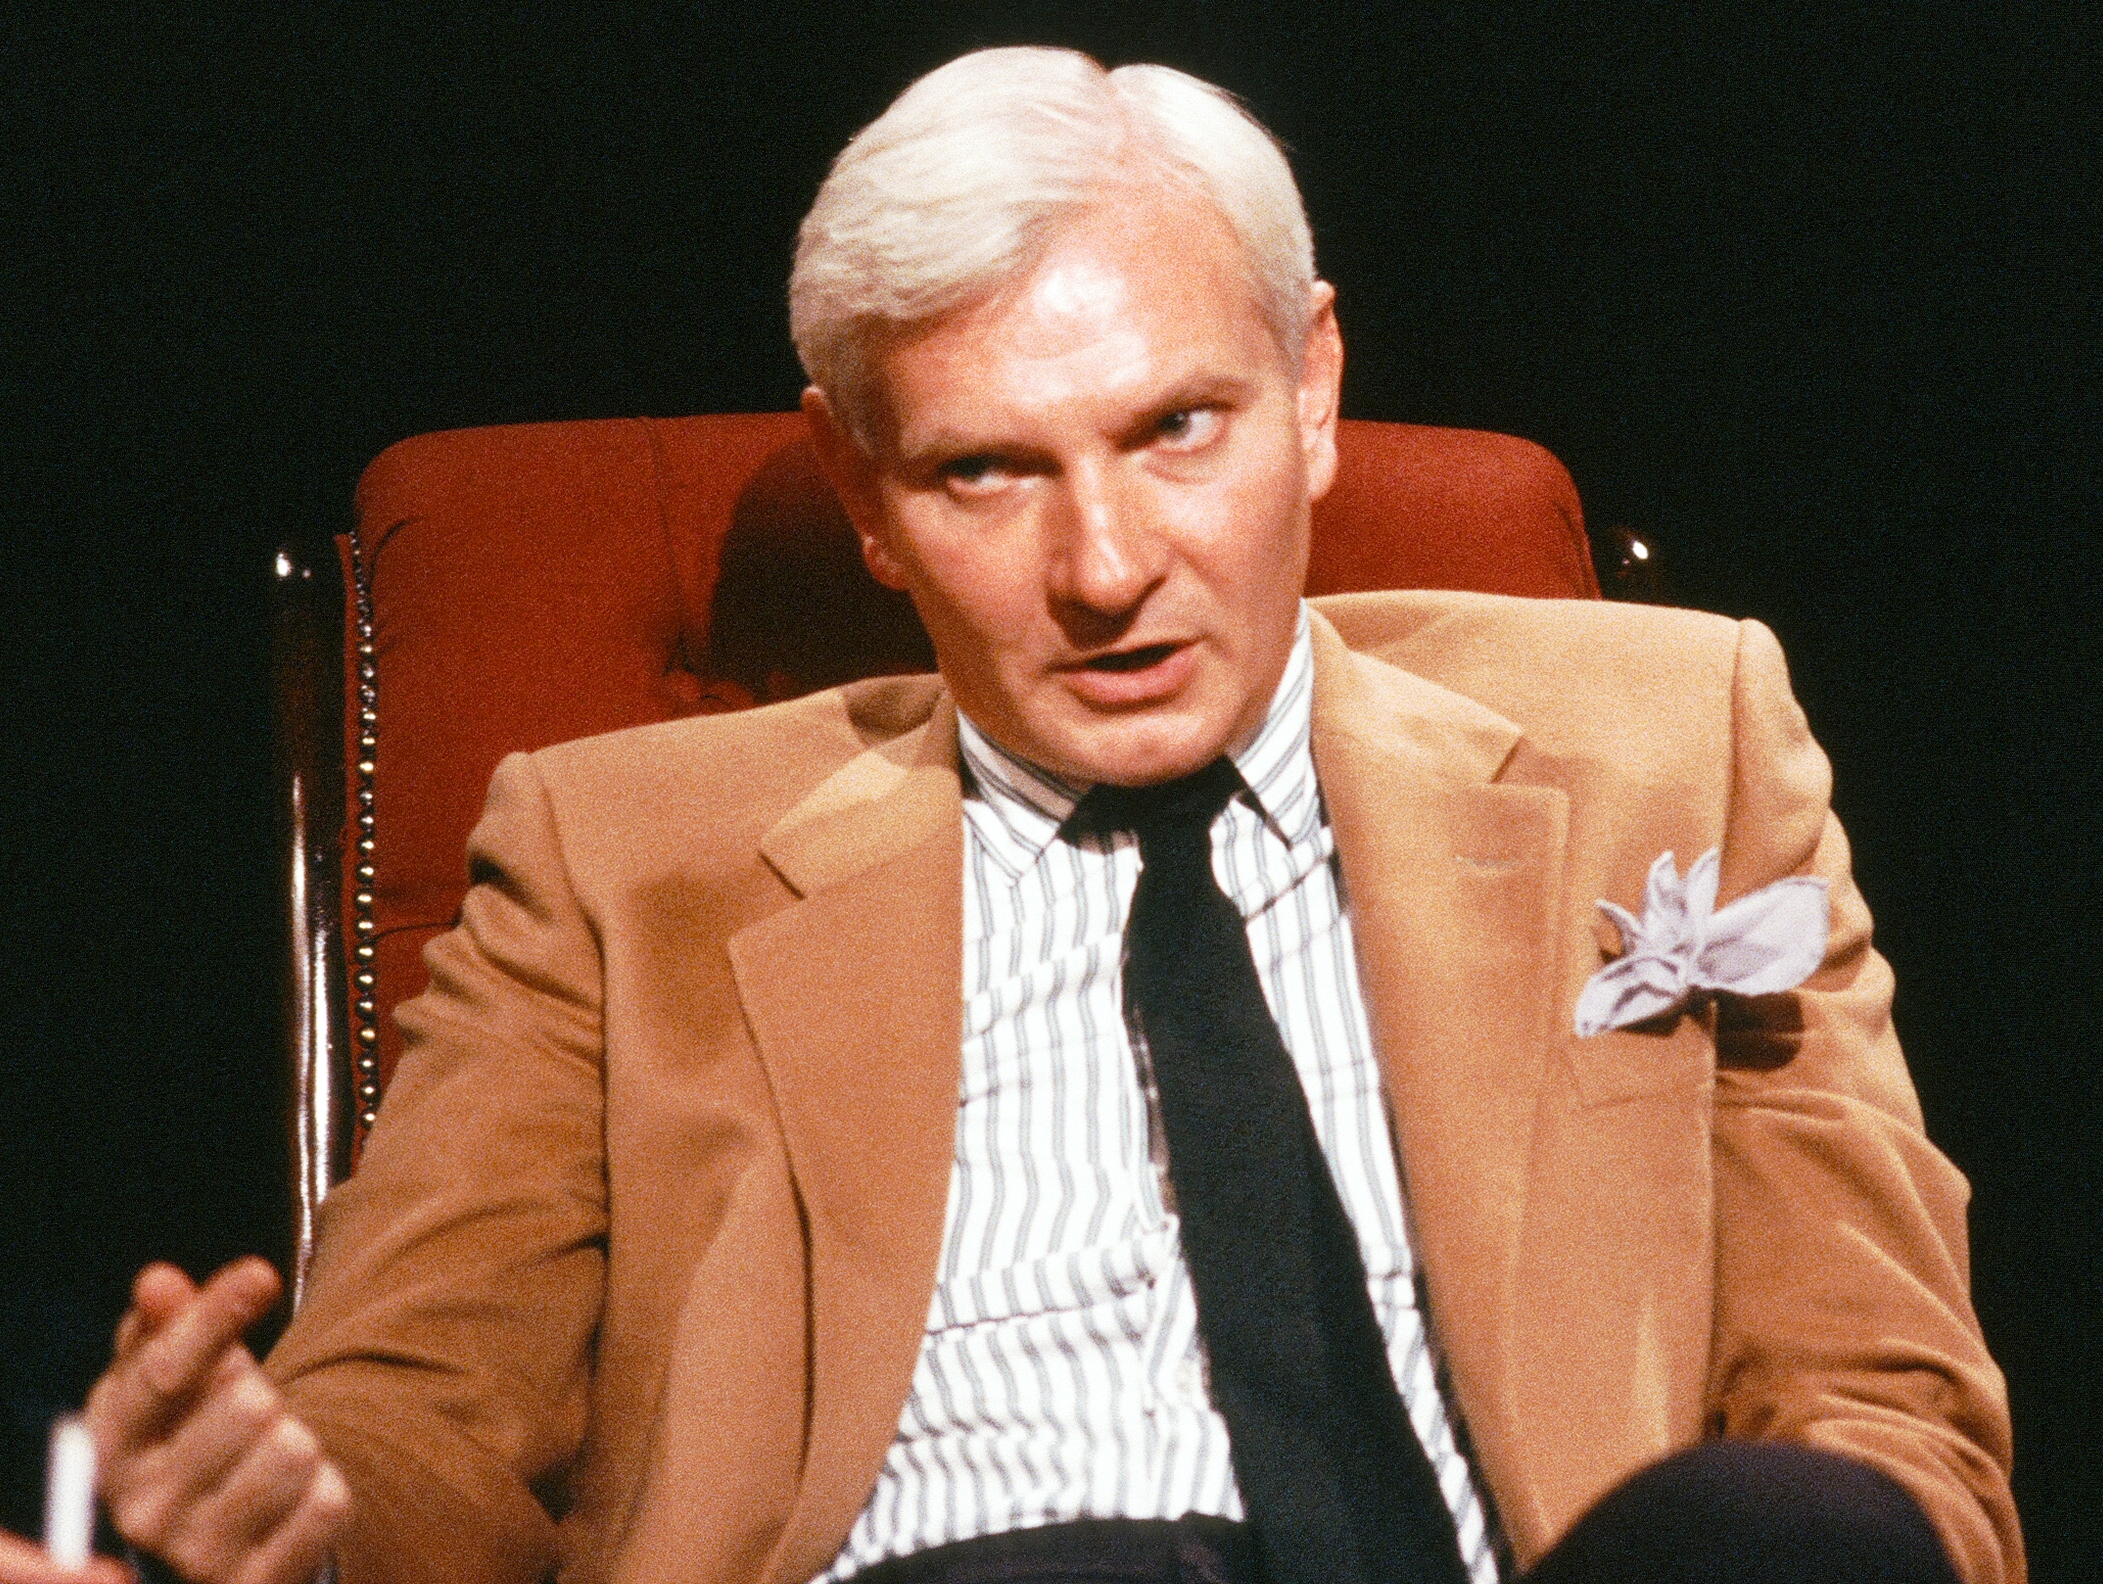 File:Harvey Proctor appearing on 'After Dark', 4 June 1988.jpg